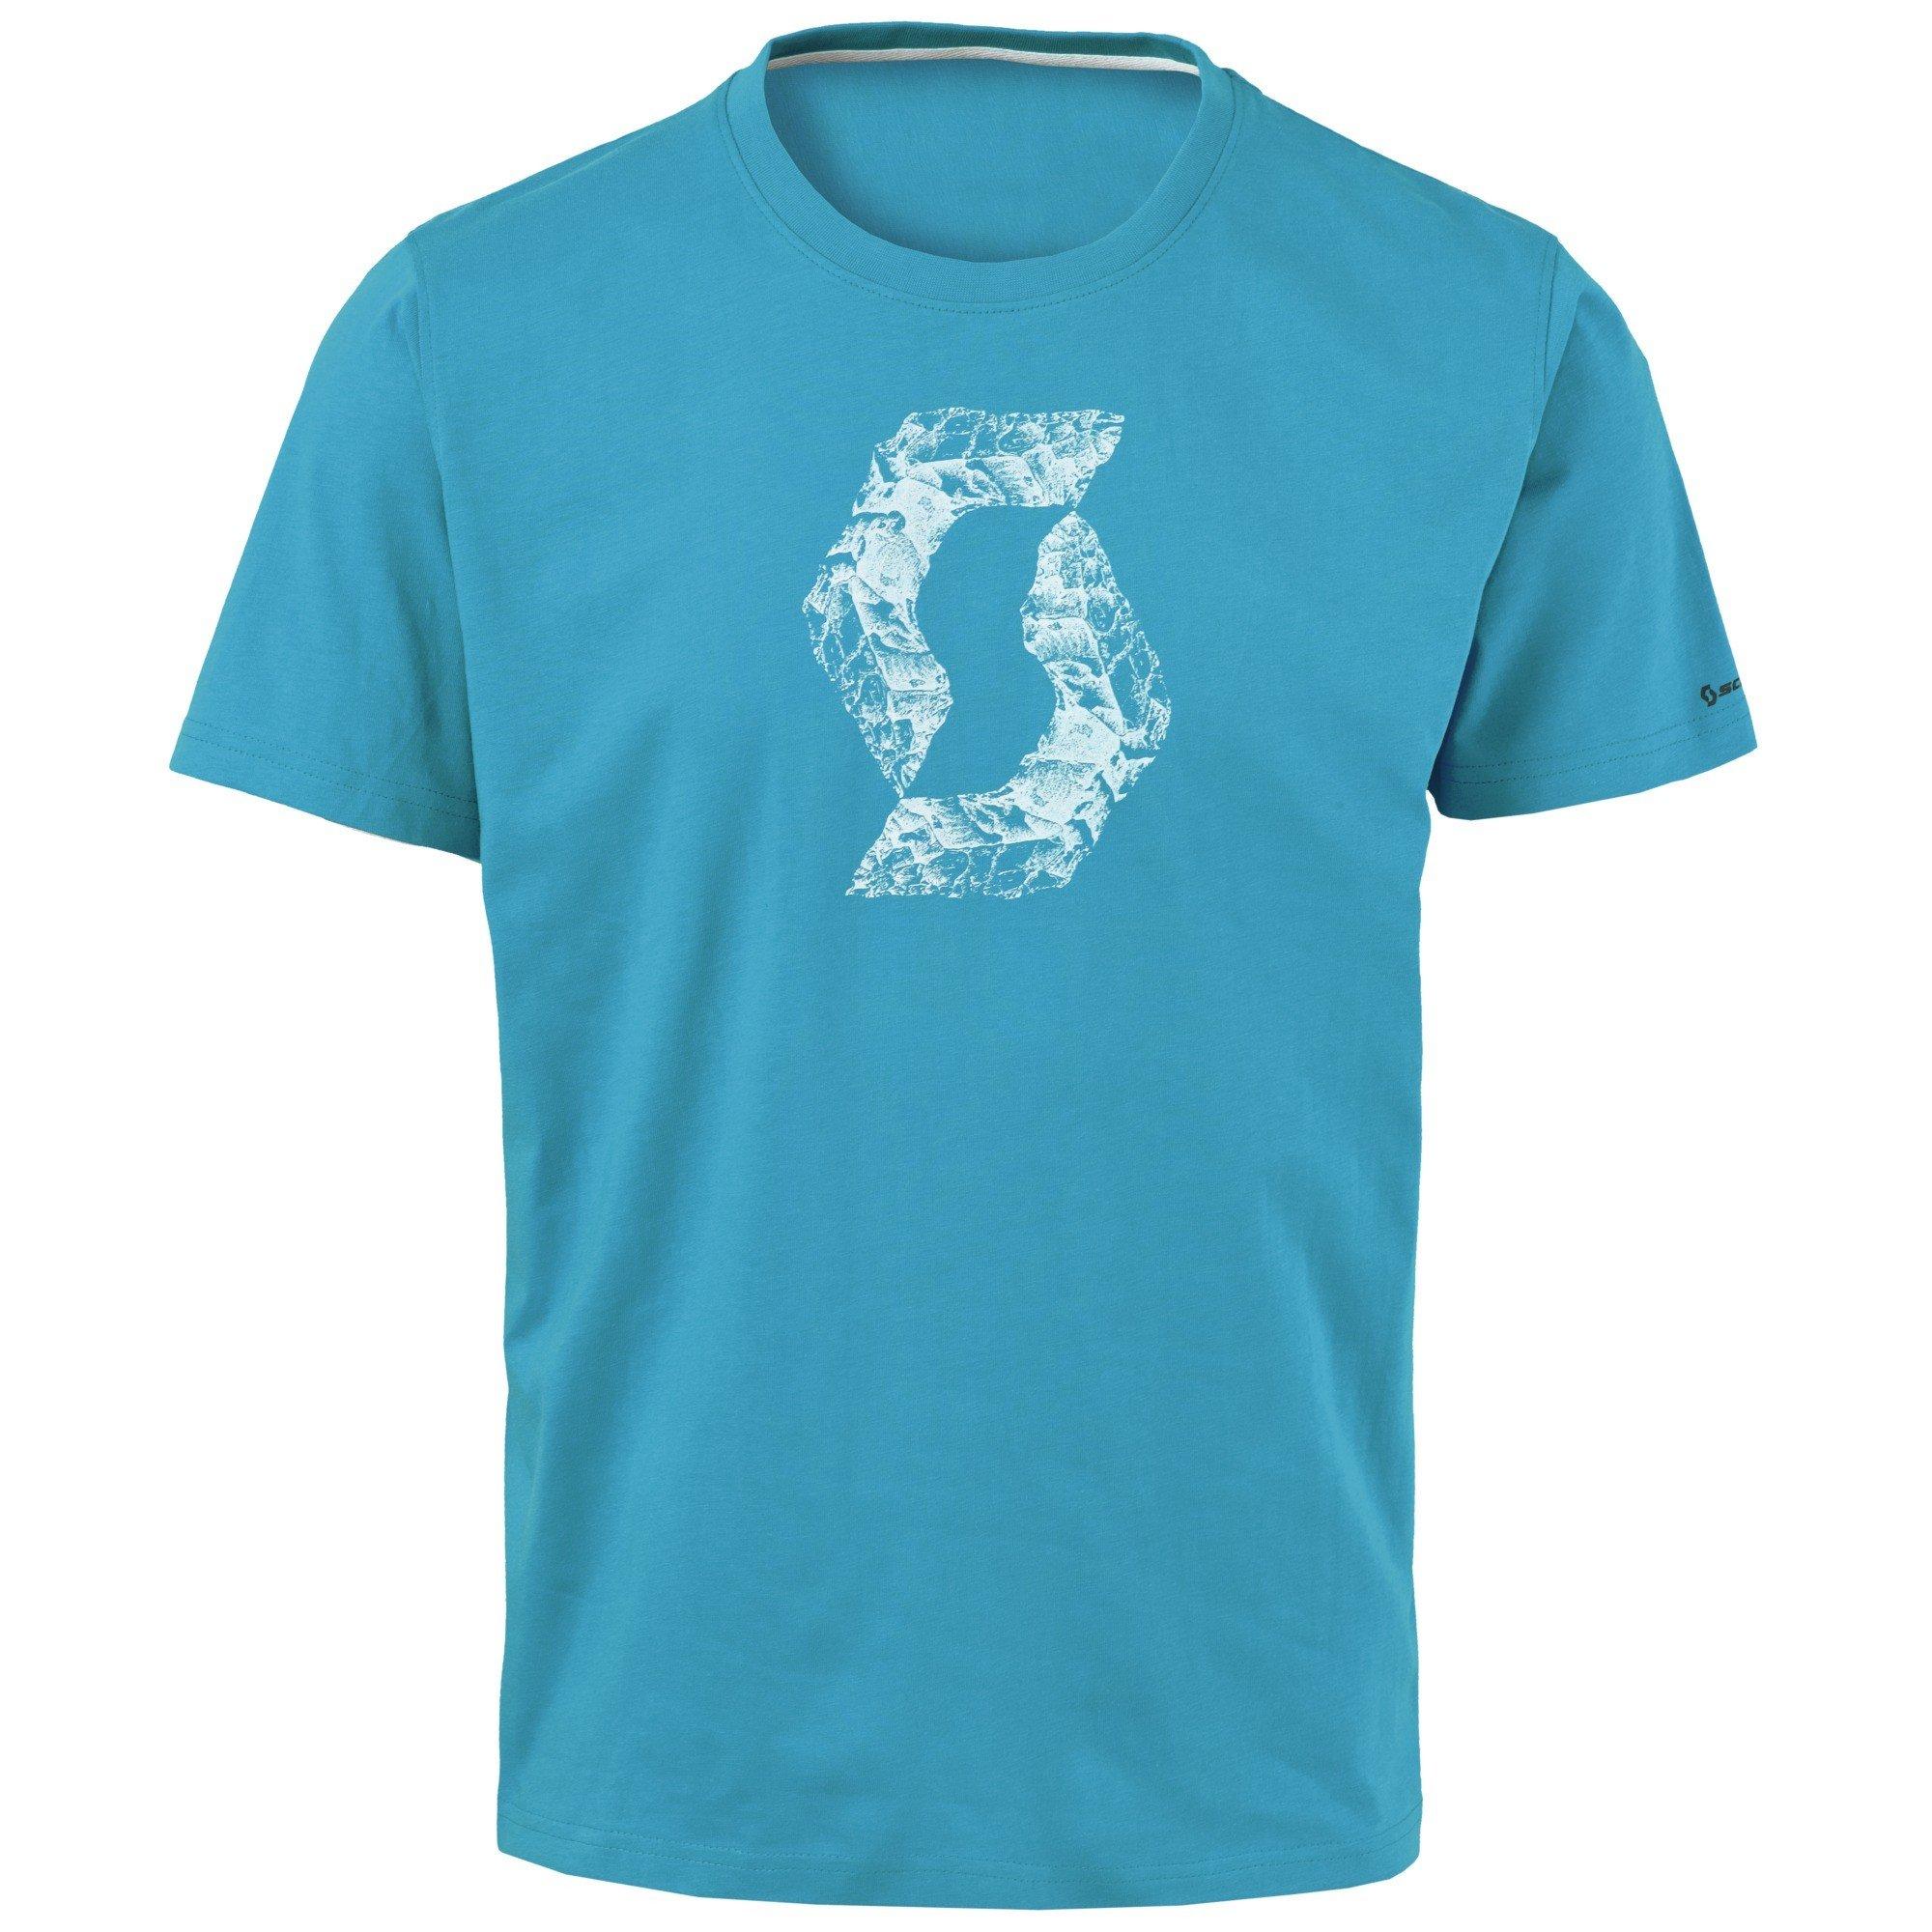 Scott Pánské tričko 10 Promo Vibrant, XXL